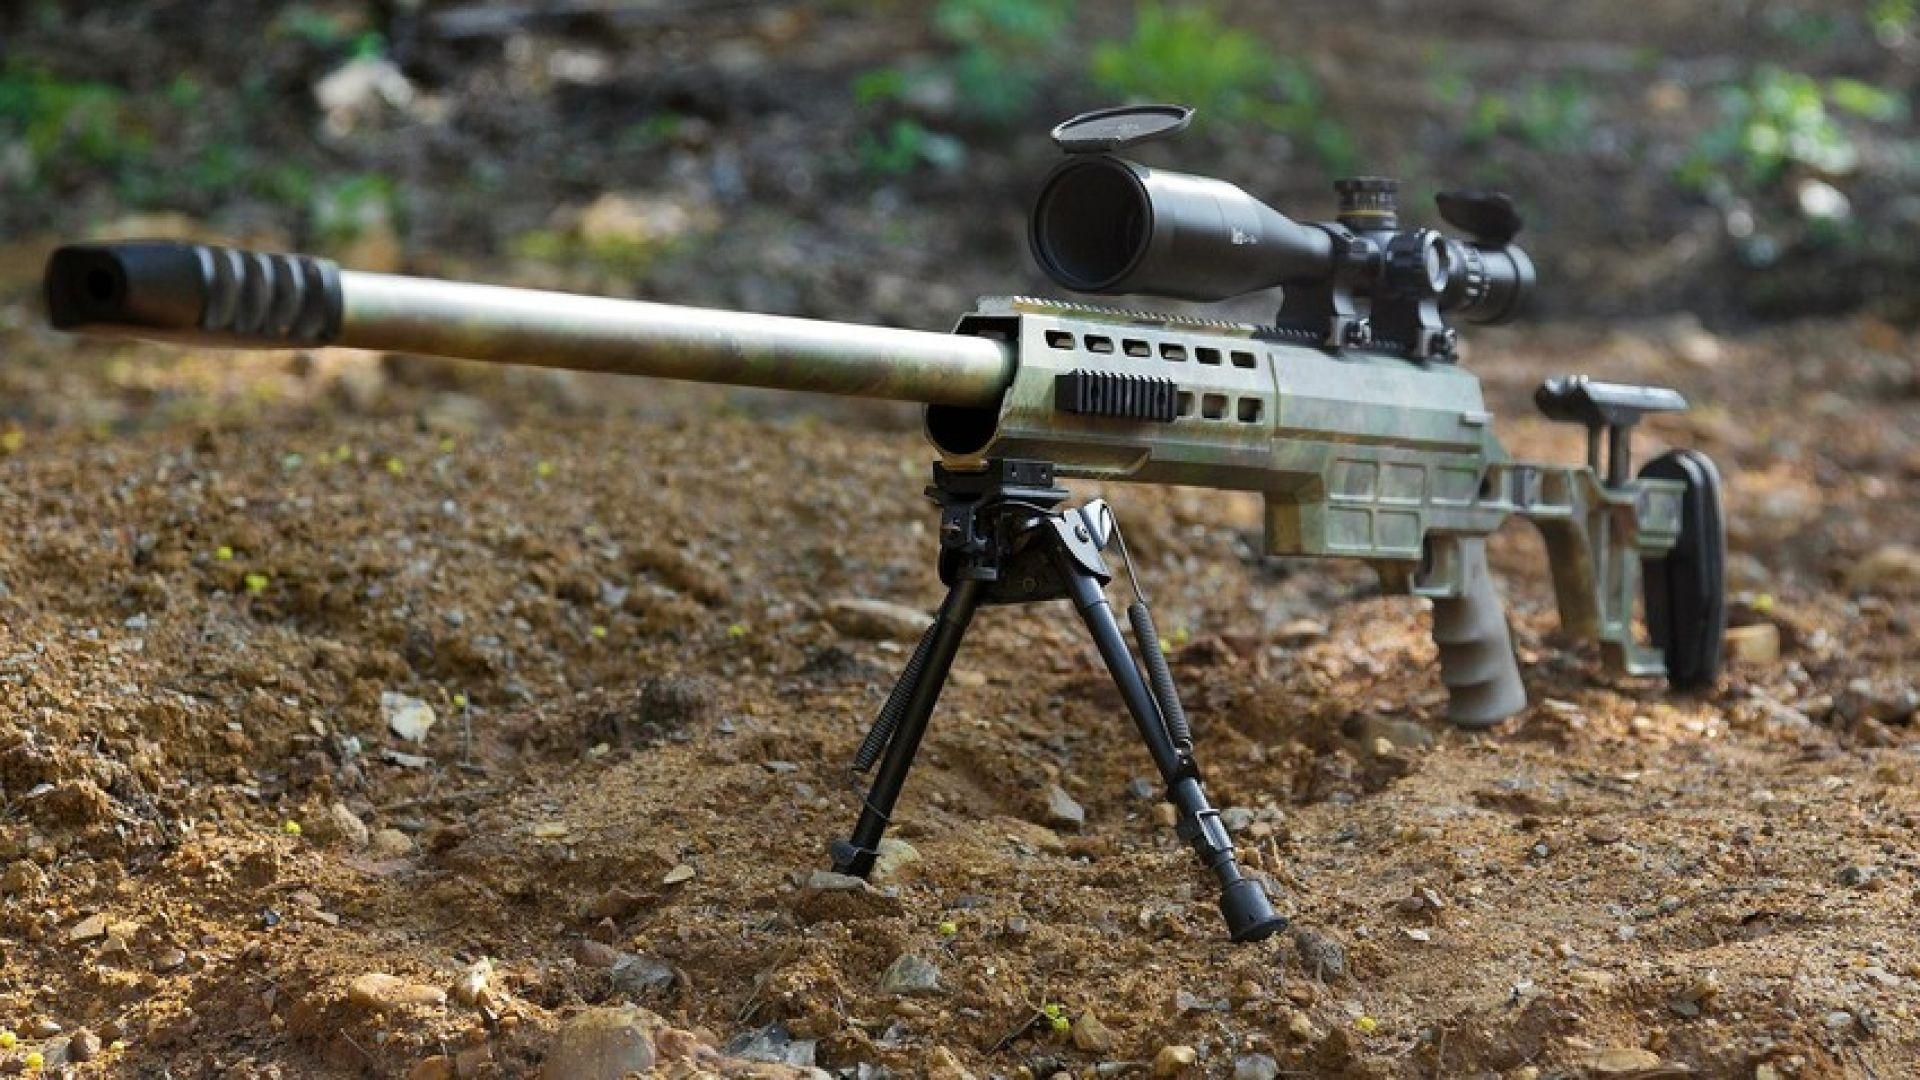 Руснаци създадоха най-далекобойния снайпер в света